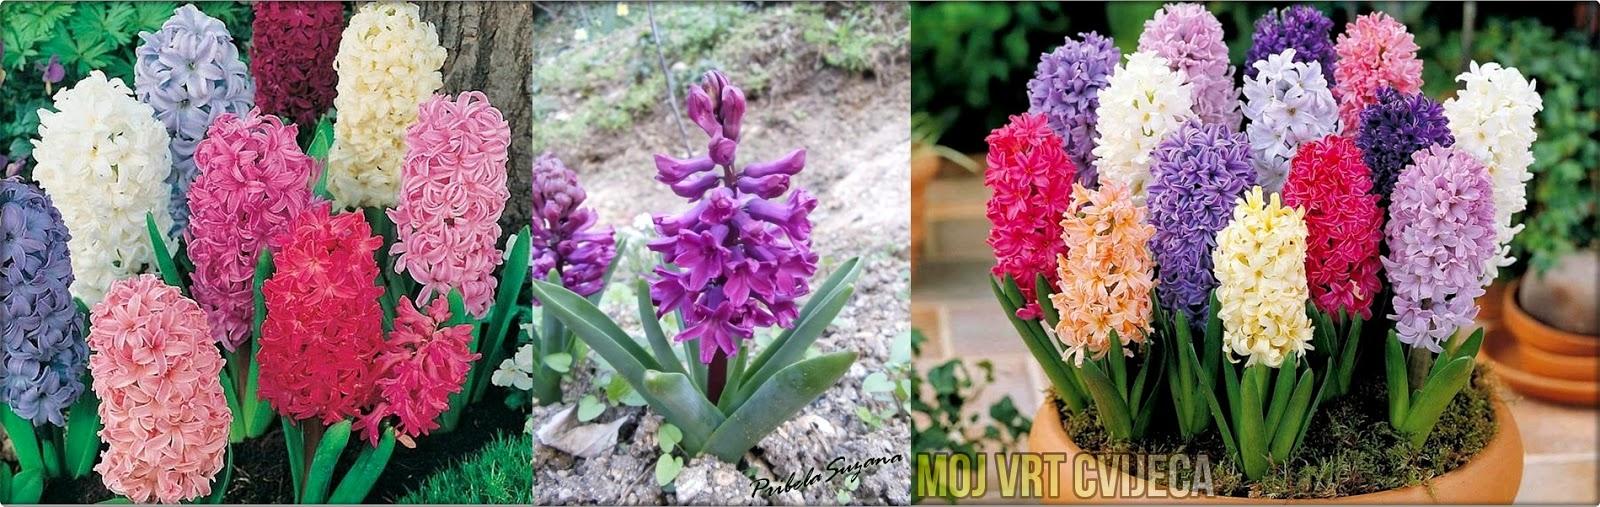 Savjeti za sadnju zumbula - Moj Vrt Cvijeća